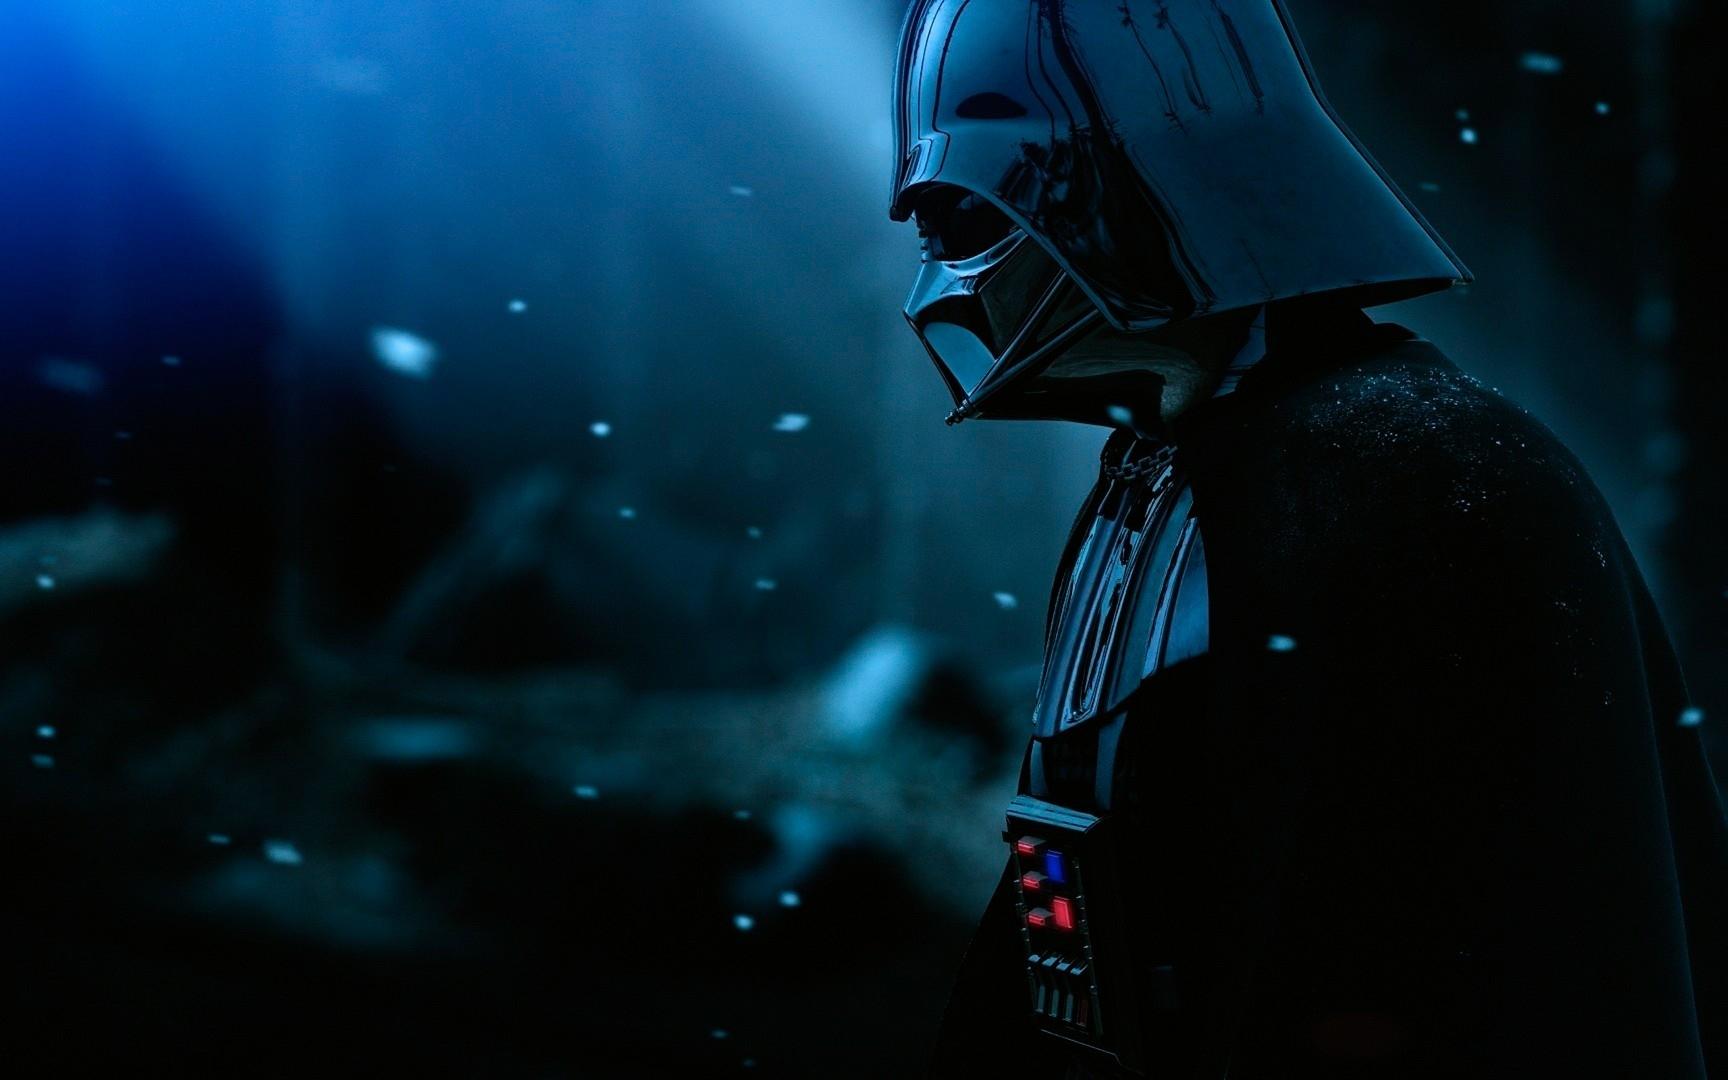 anakin skywalker / darth vader wallpaper | star wars wallpaper